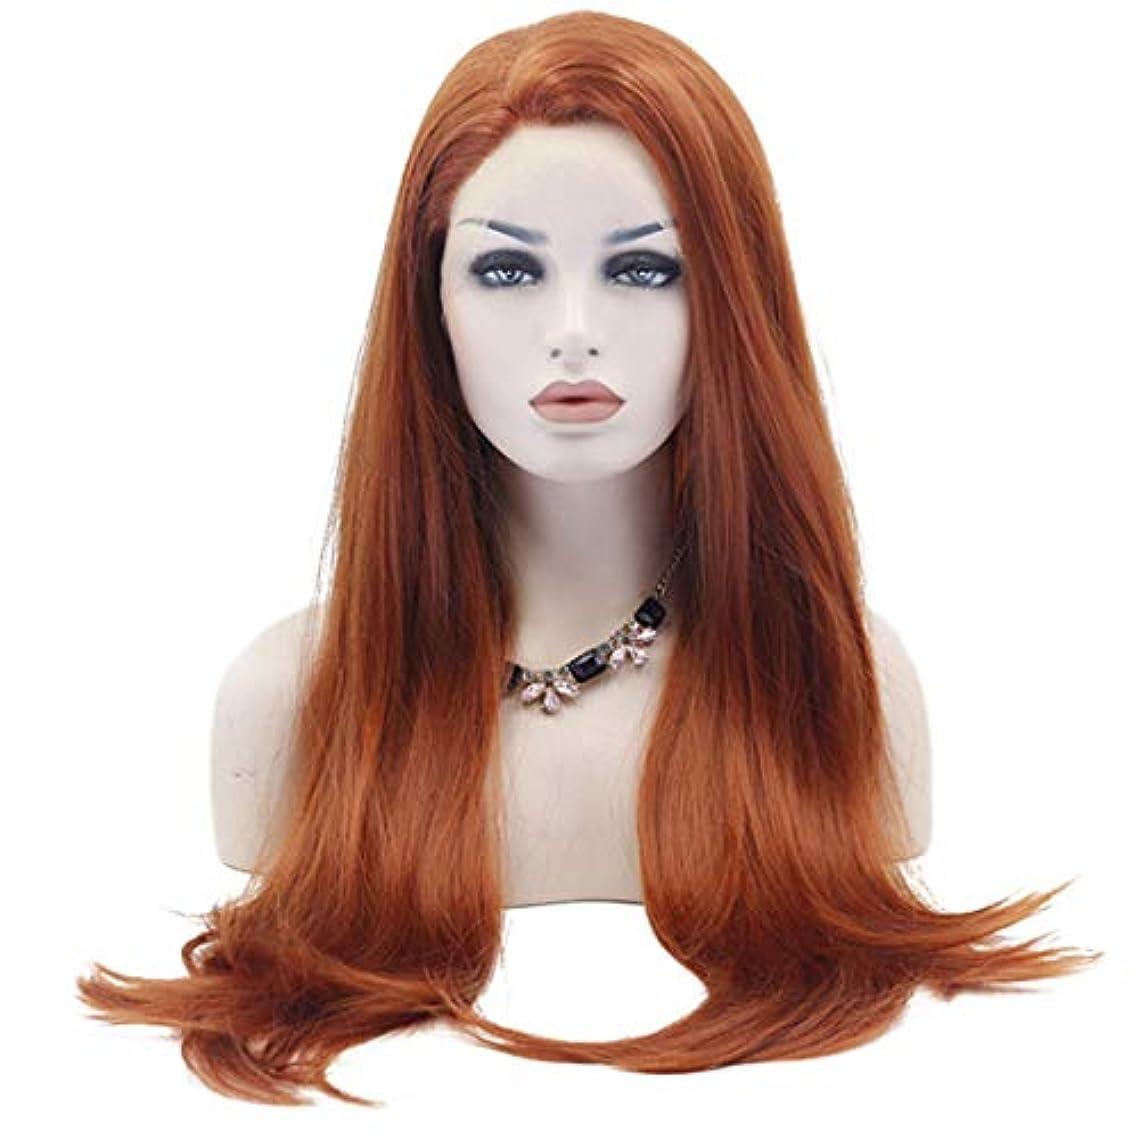 子犬申請中失望させるFuku つけ毛 コスプレ衣装ハロウィンパーティーのための前髪付きの長いかつら大きな波状の耐熱性合成ストレートヘア (色 : 写真の通り)